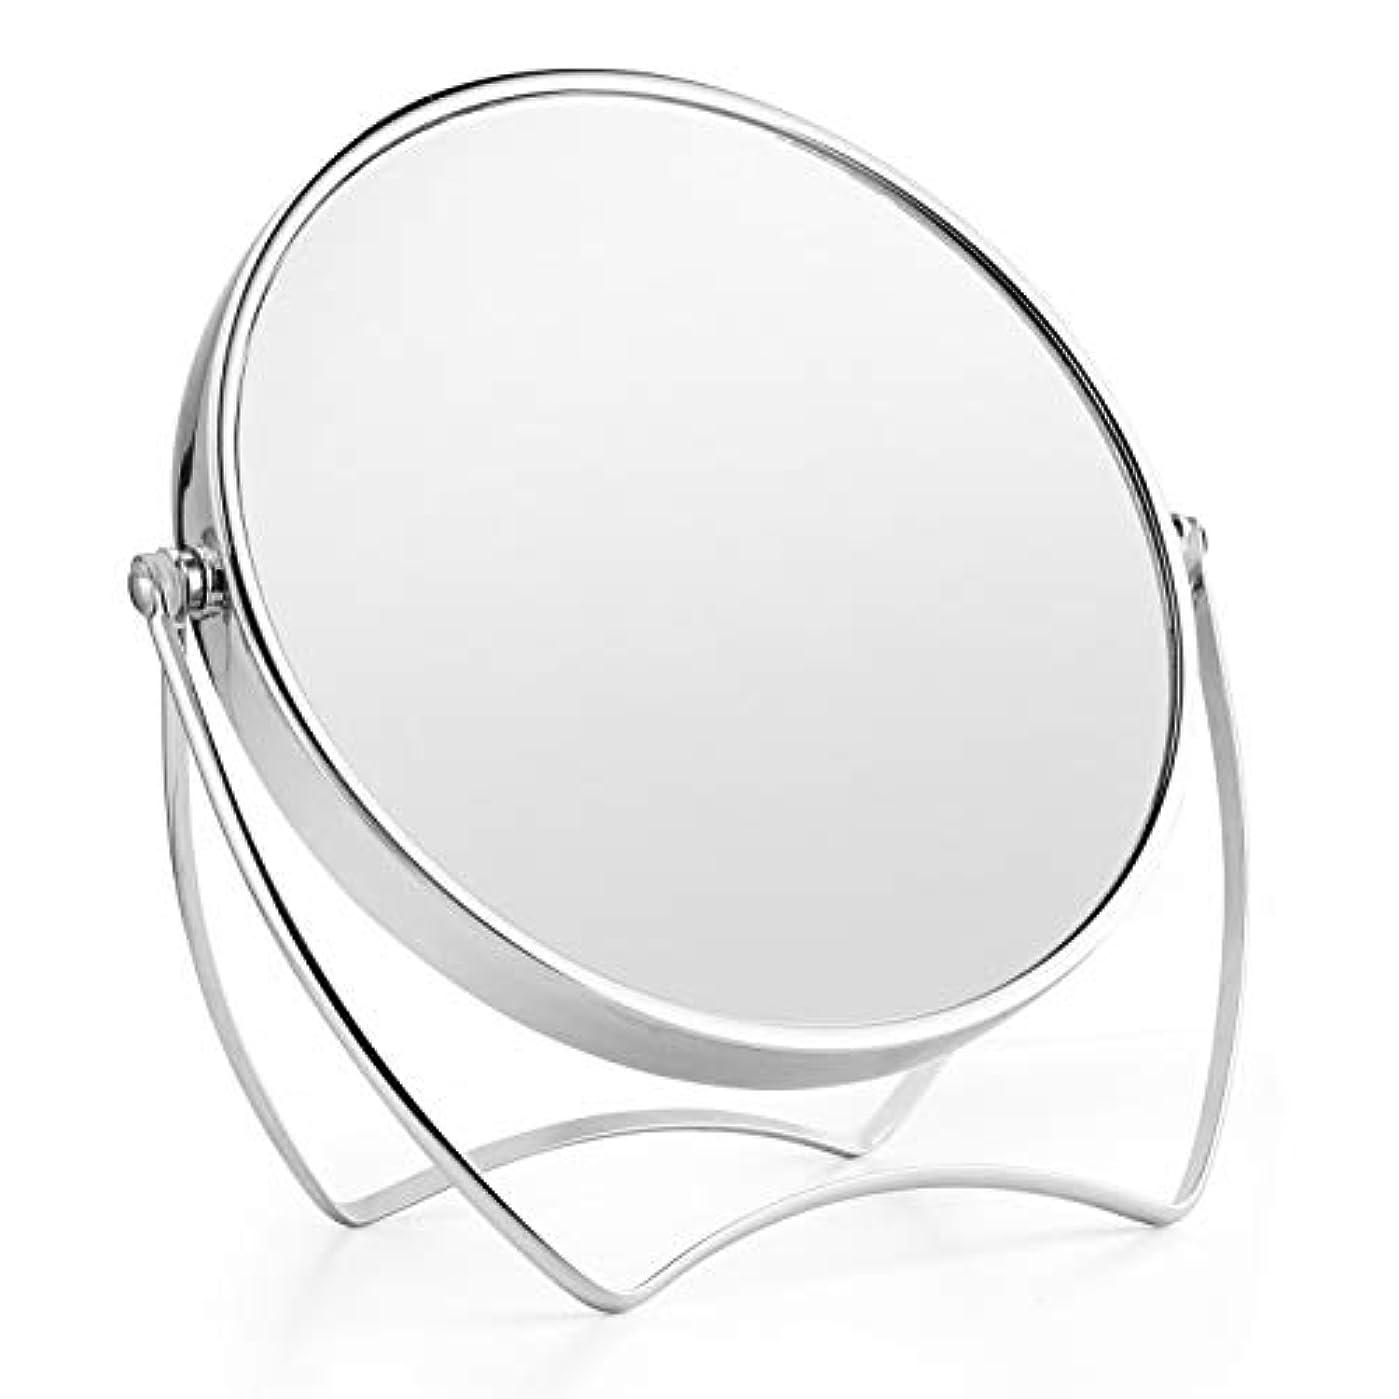 与える滝透ける卓上ミラー 化粧鏡 1倍/5倍拡大鏡 メイクミラー 両面化粧鏡 ラウンドミラー 女優ミラー スタンドミラー 卓上鏡 360°回転ブラケット メタルフレームバニティミラー 寝室や浴室に適しています(15cm)